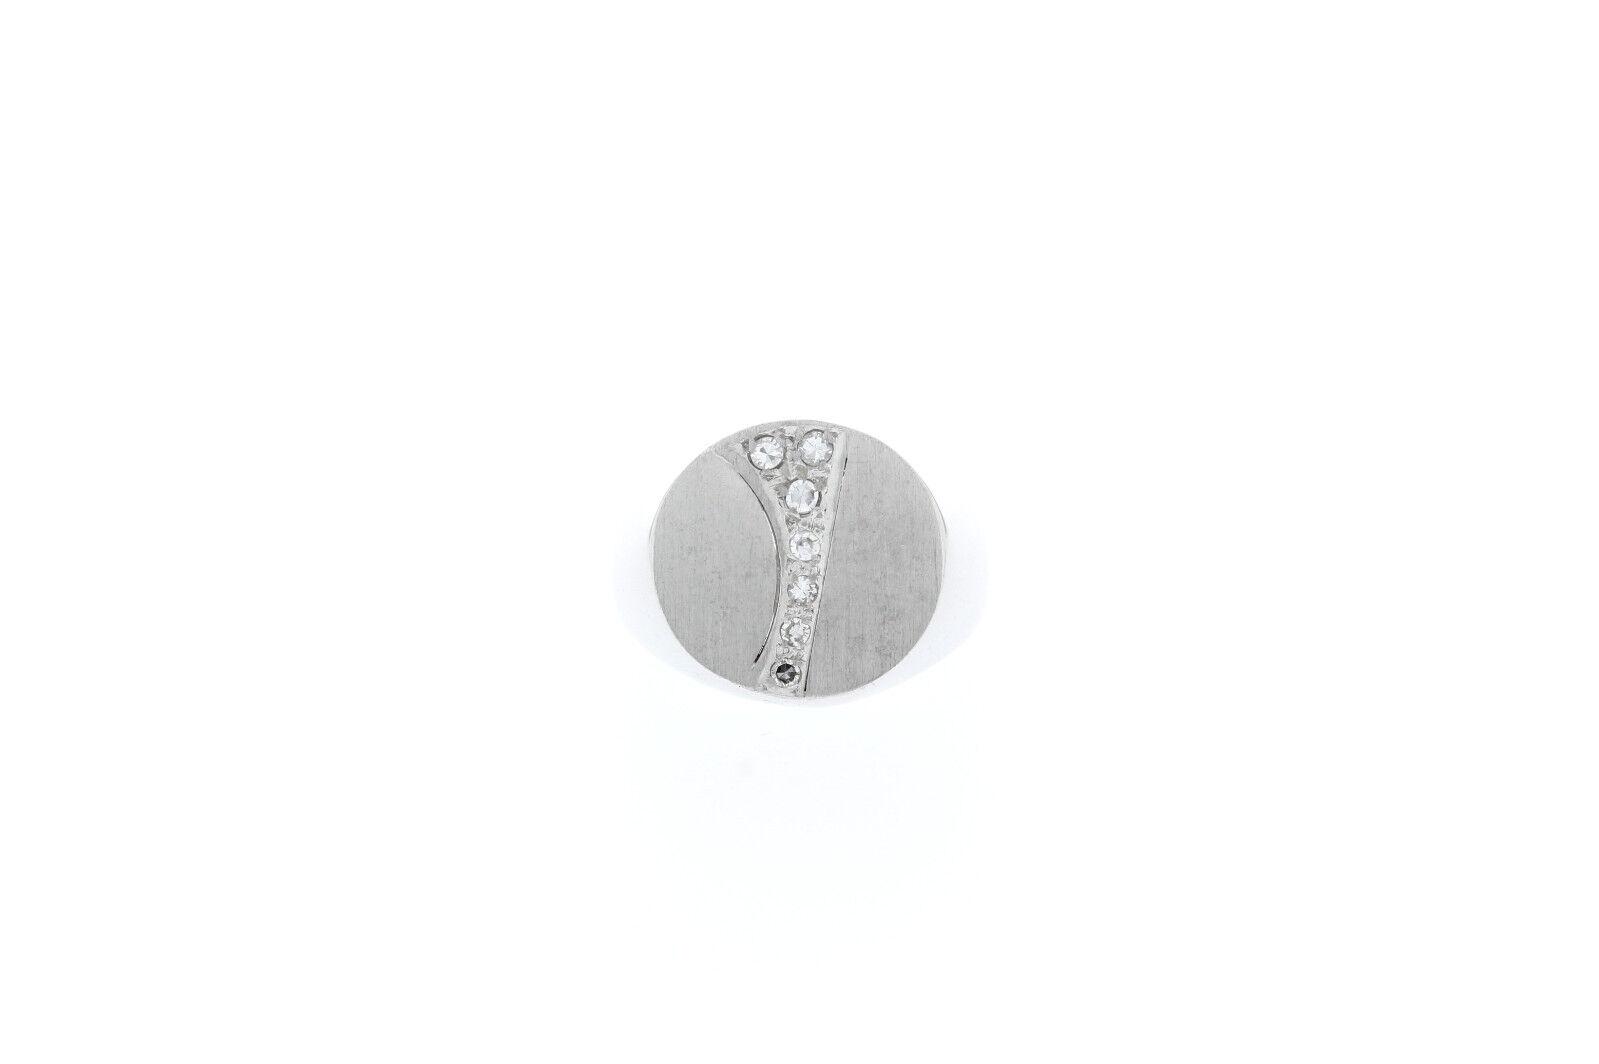 A0583-585er whitegoldring mit Brillianten Ringgroße 54 Gewicht 5,6 gramm